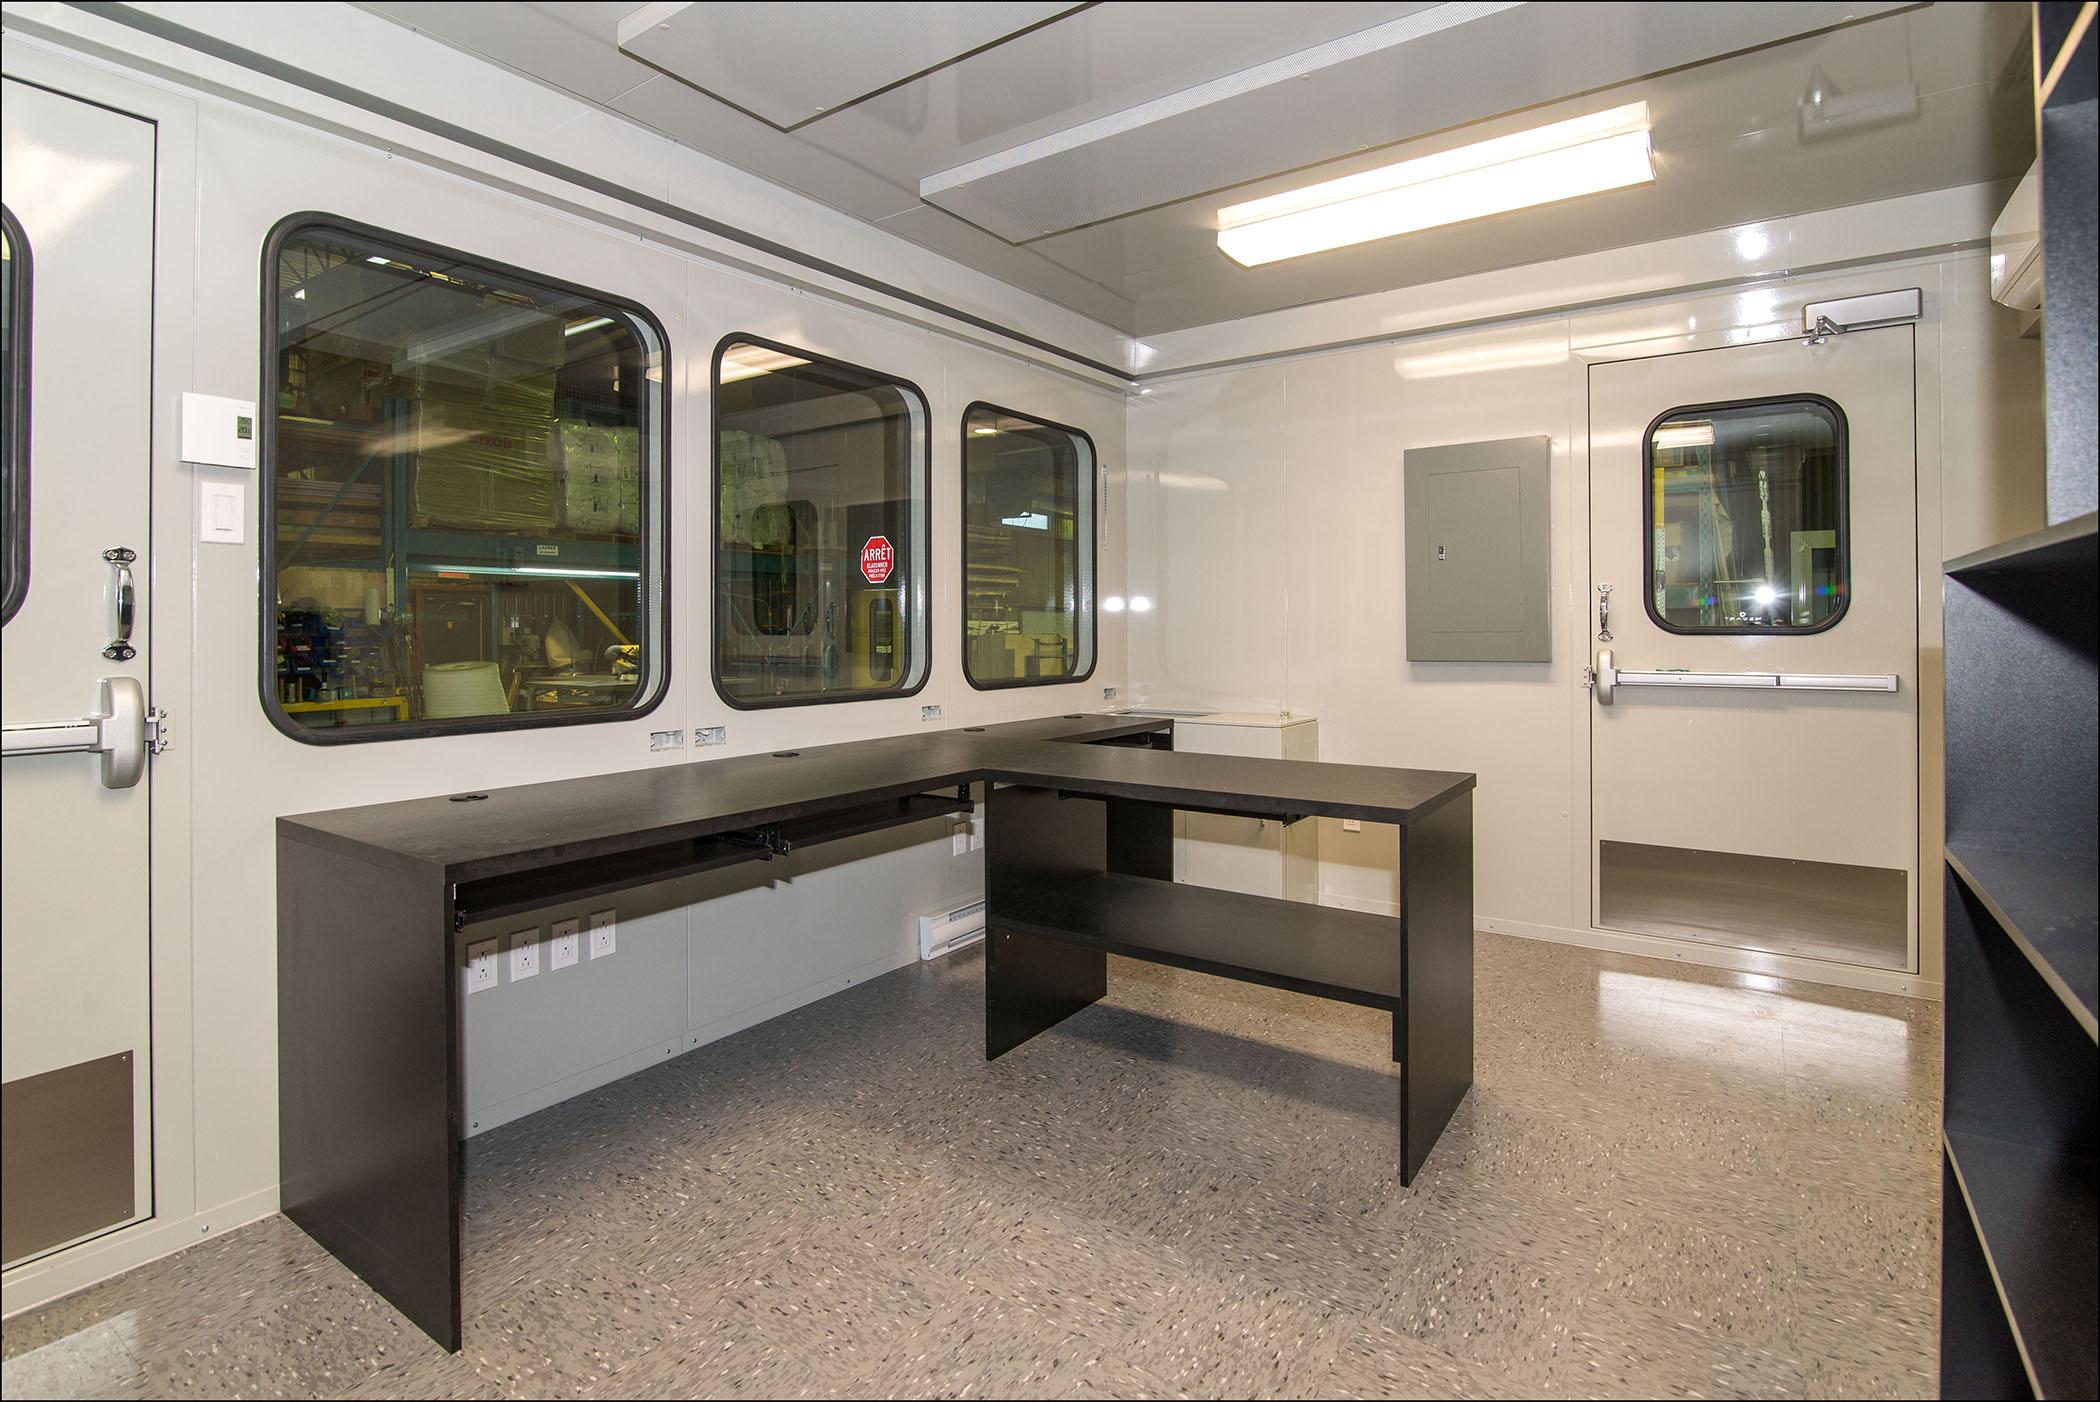 salle de contr le ext rieure avec cloison int rieure insonoris e mecart. Black Bedroom Furniture Sets. Home Design Ideas